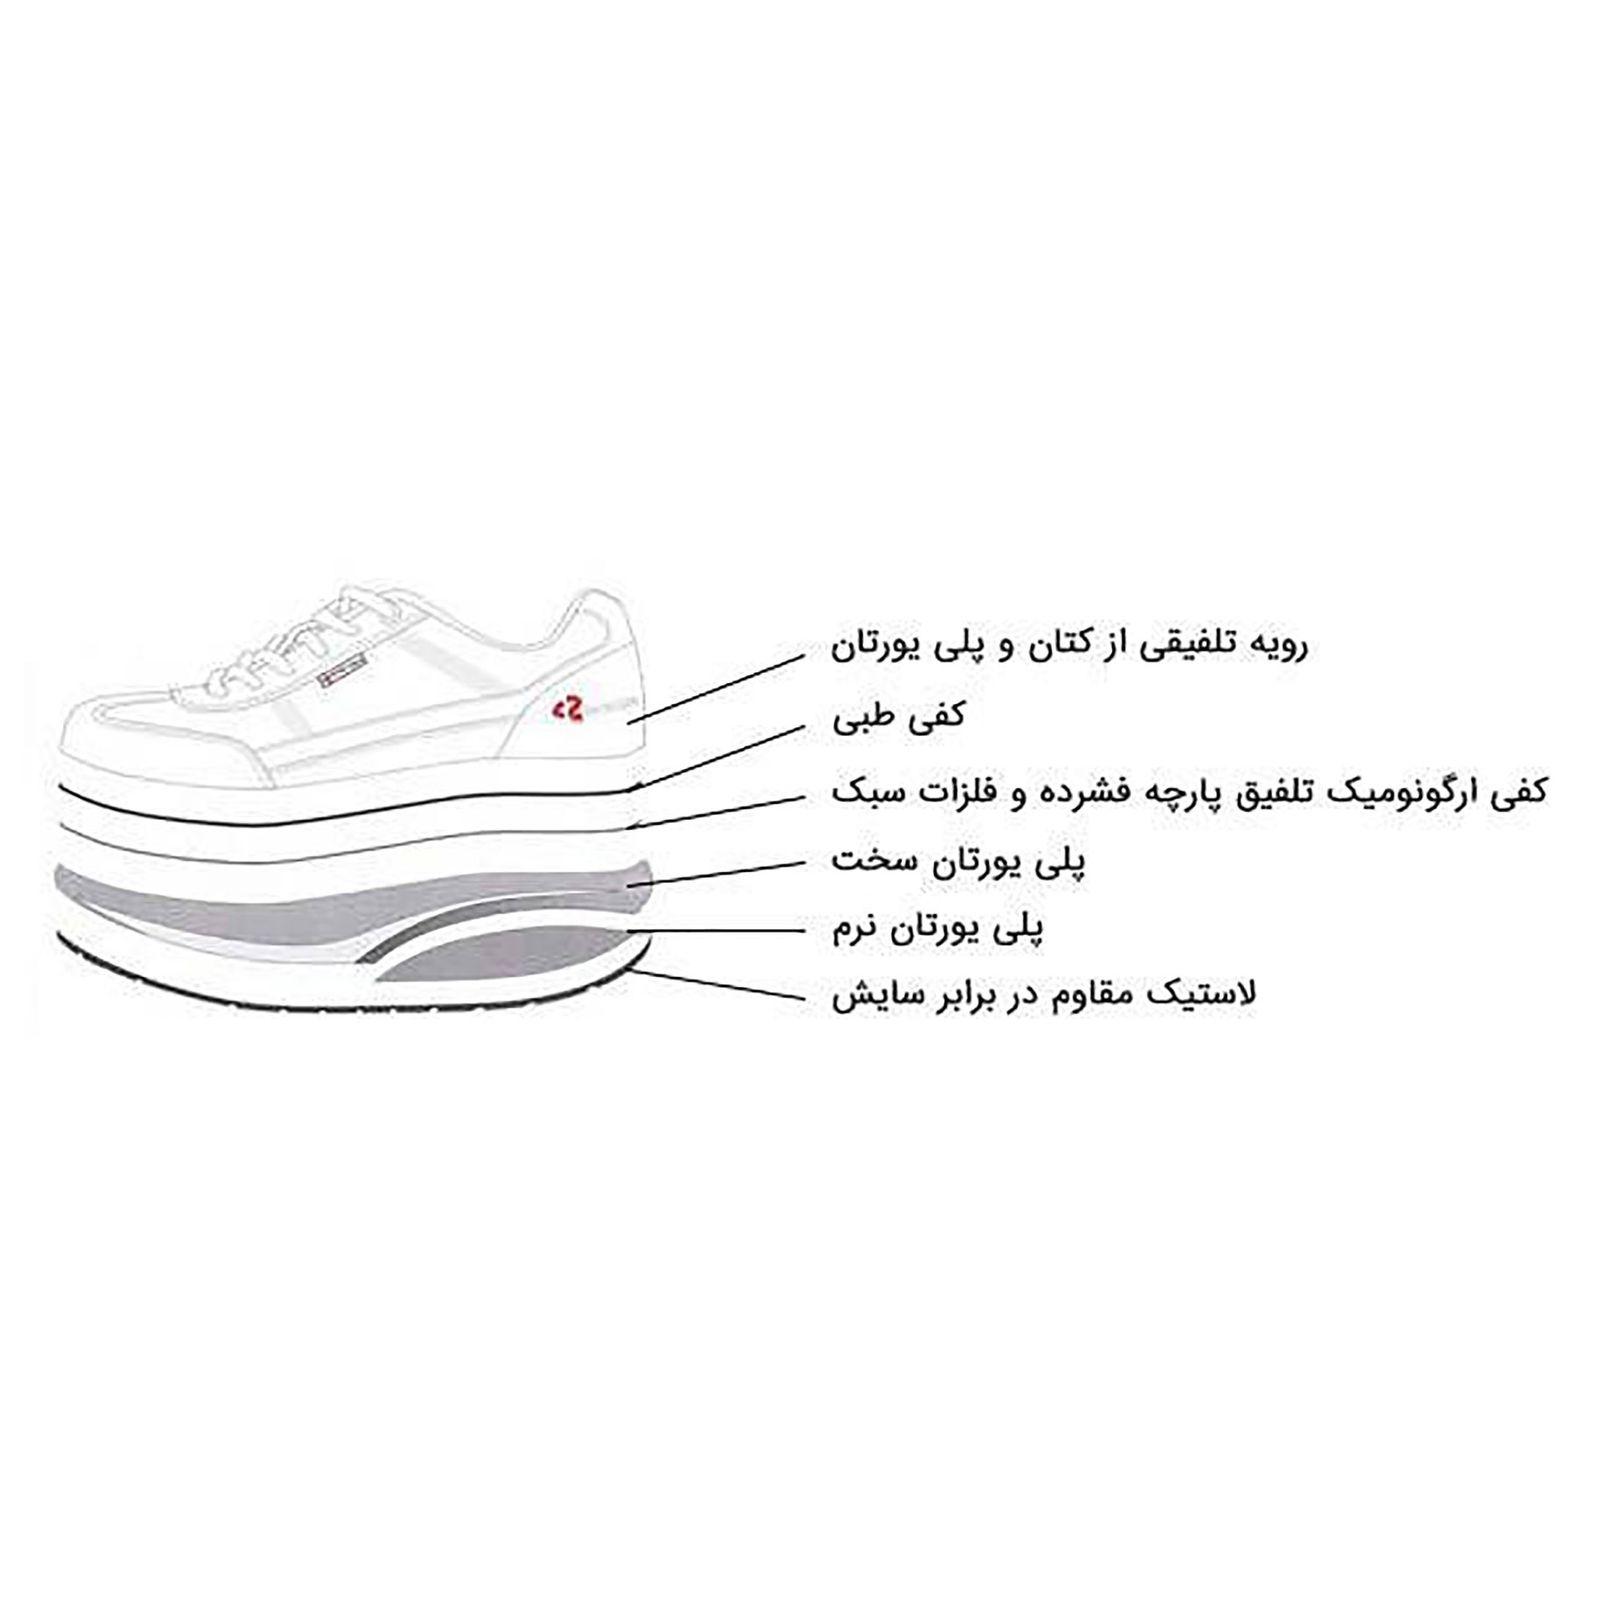 کفش مخصوص پیاده روی زنانه پرفکت استپس مدل آرمیس main 1 6